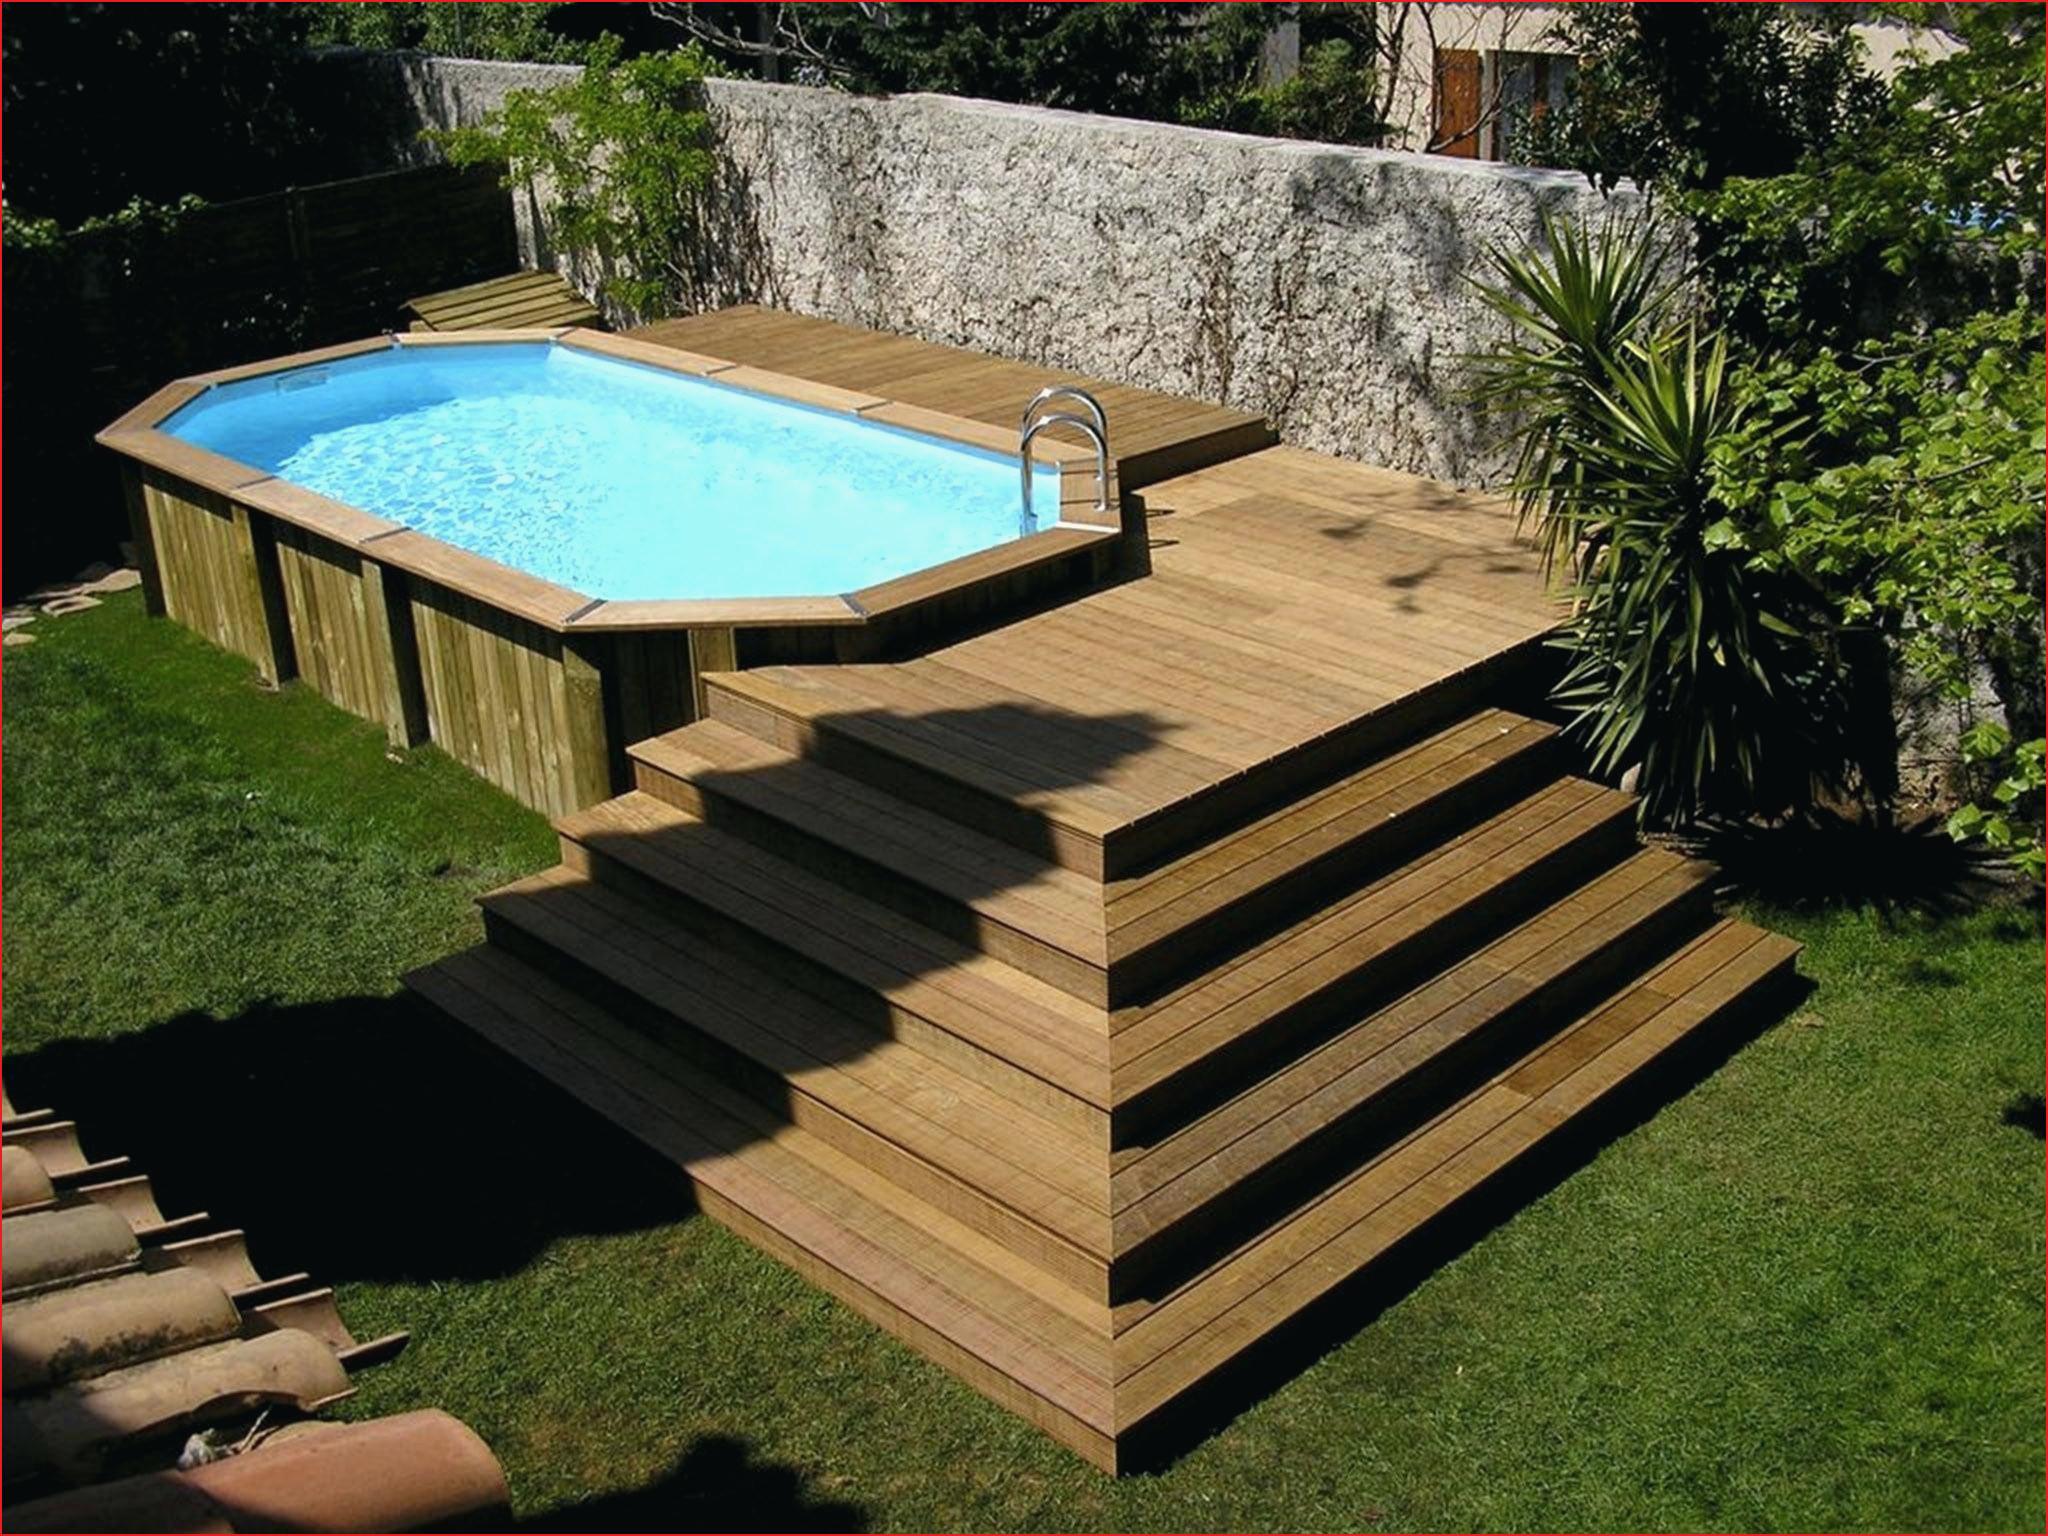 Incroyable Piscine Bois Procopi Photos De Piscine Idée ... intérieur Solde Piscine Hors Sol